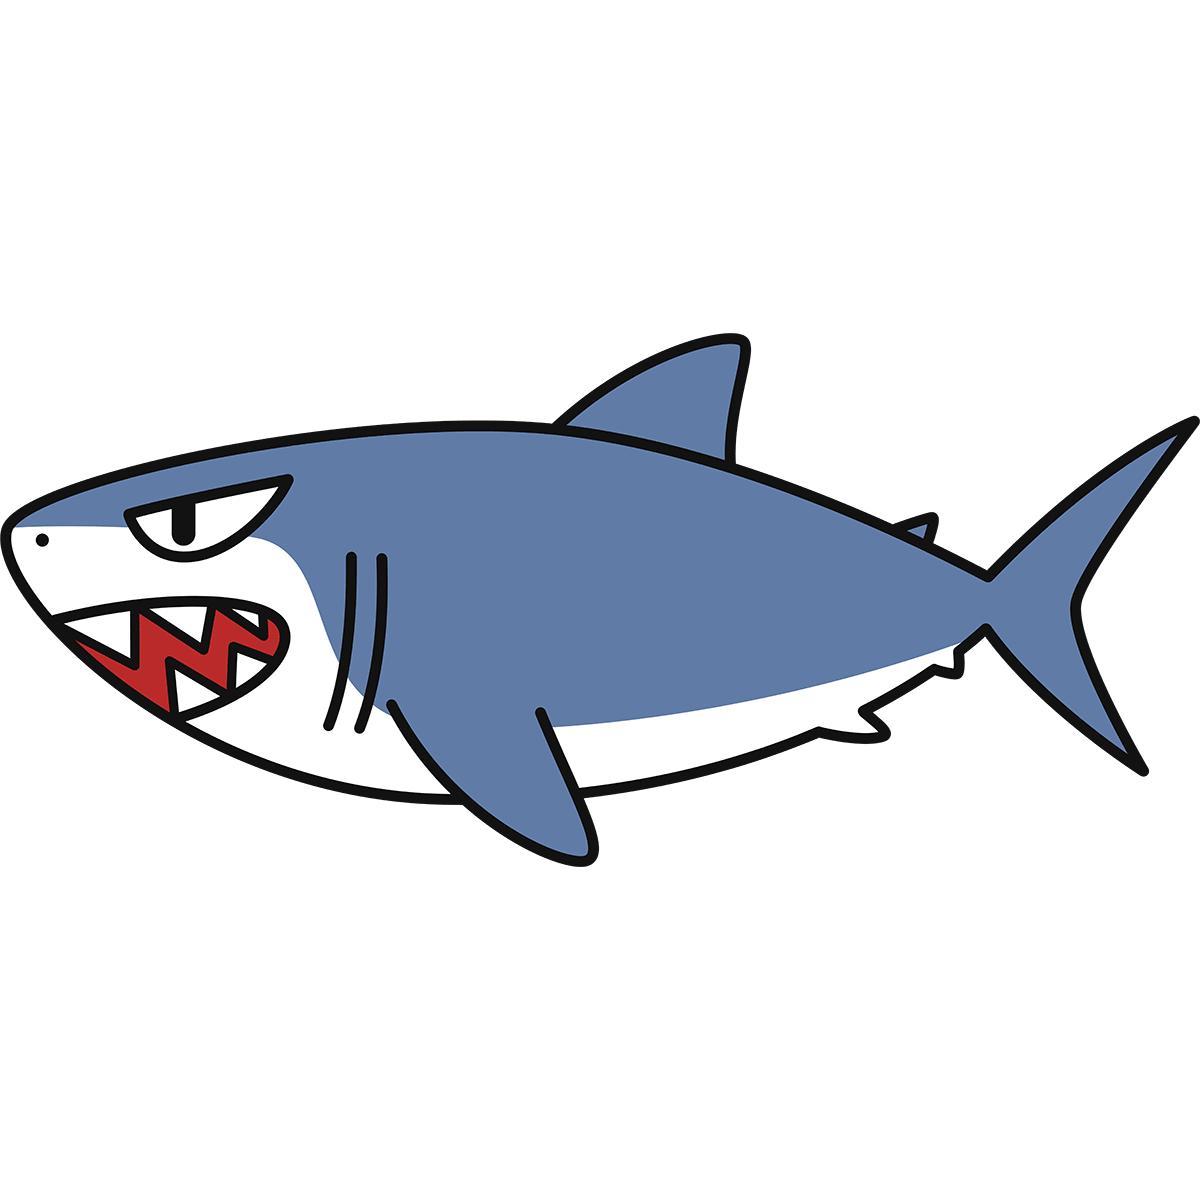 ホオジロザメ(鮫)の無料イラスト